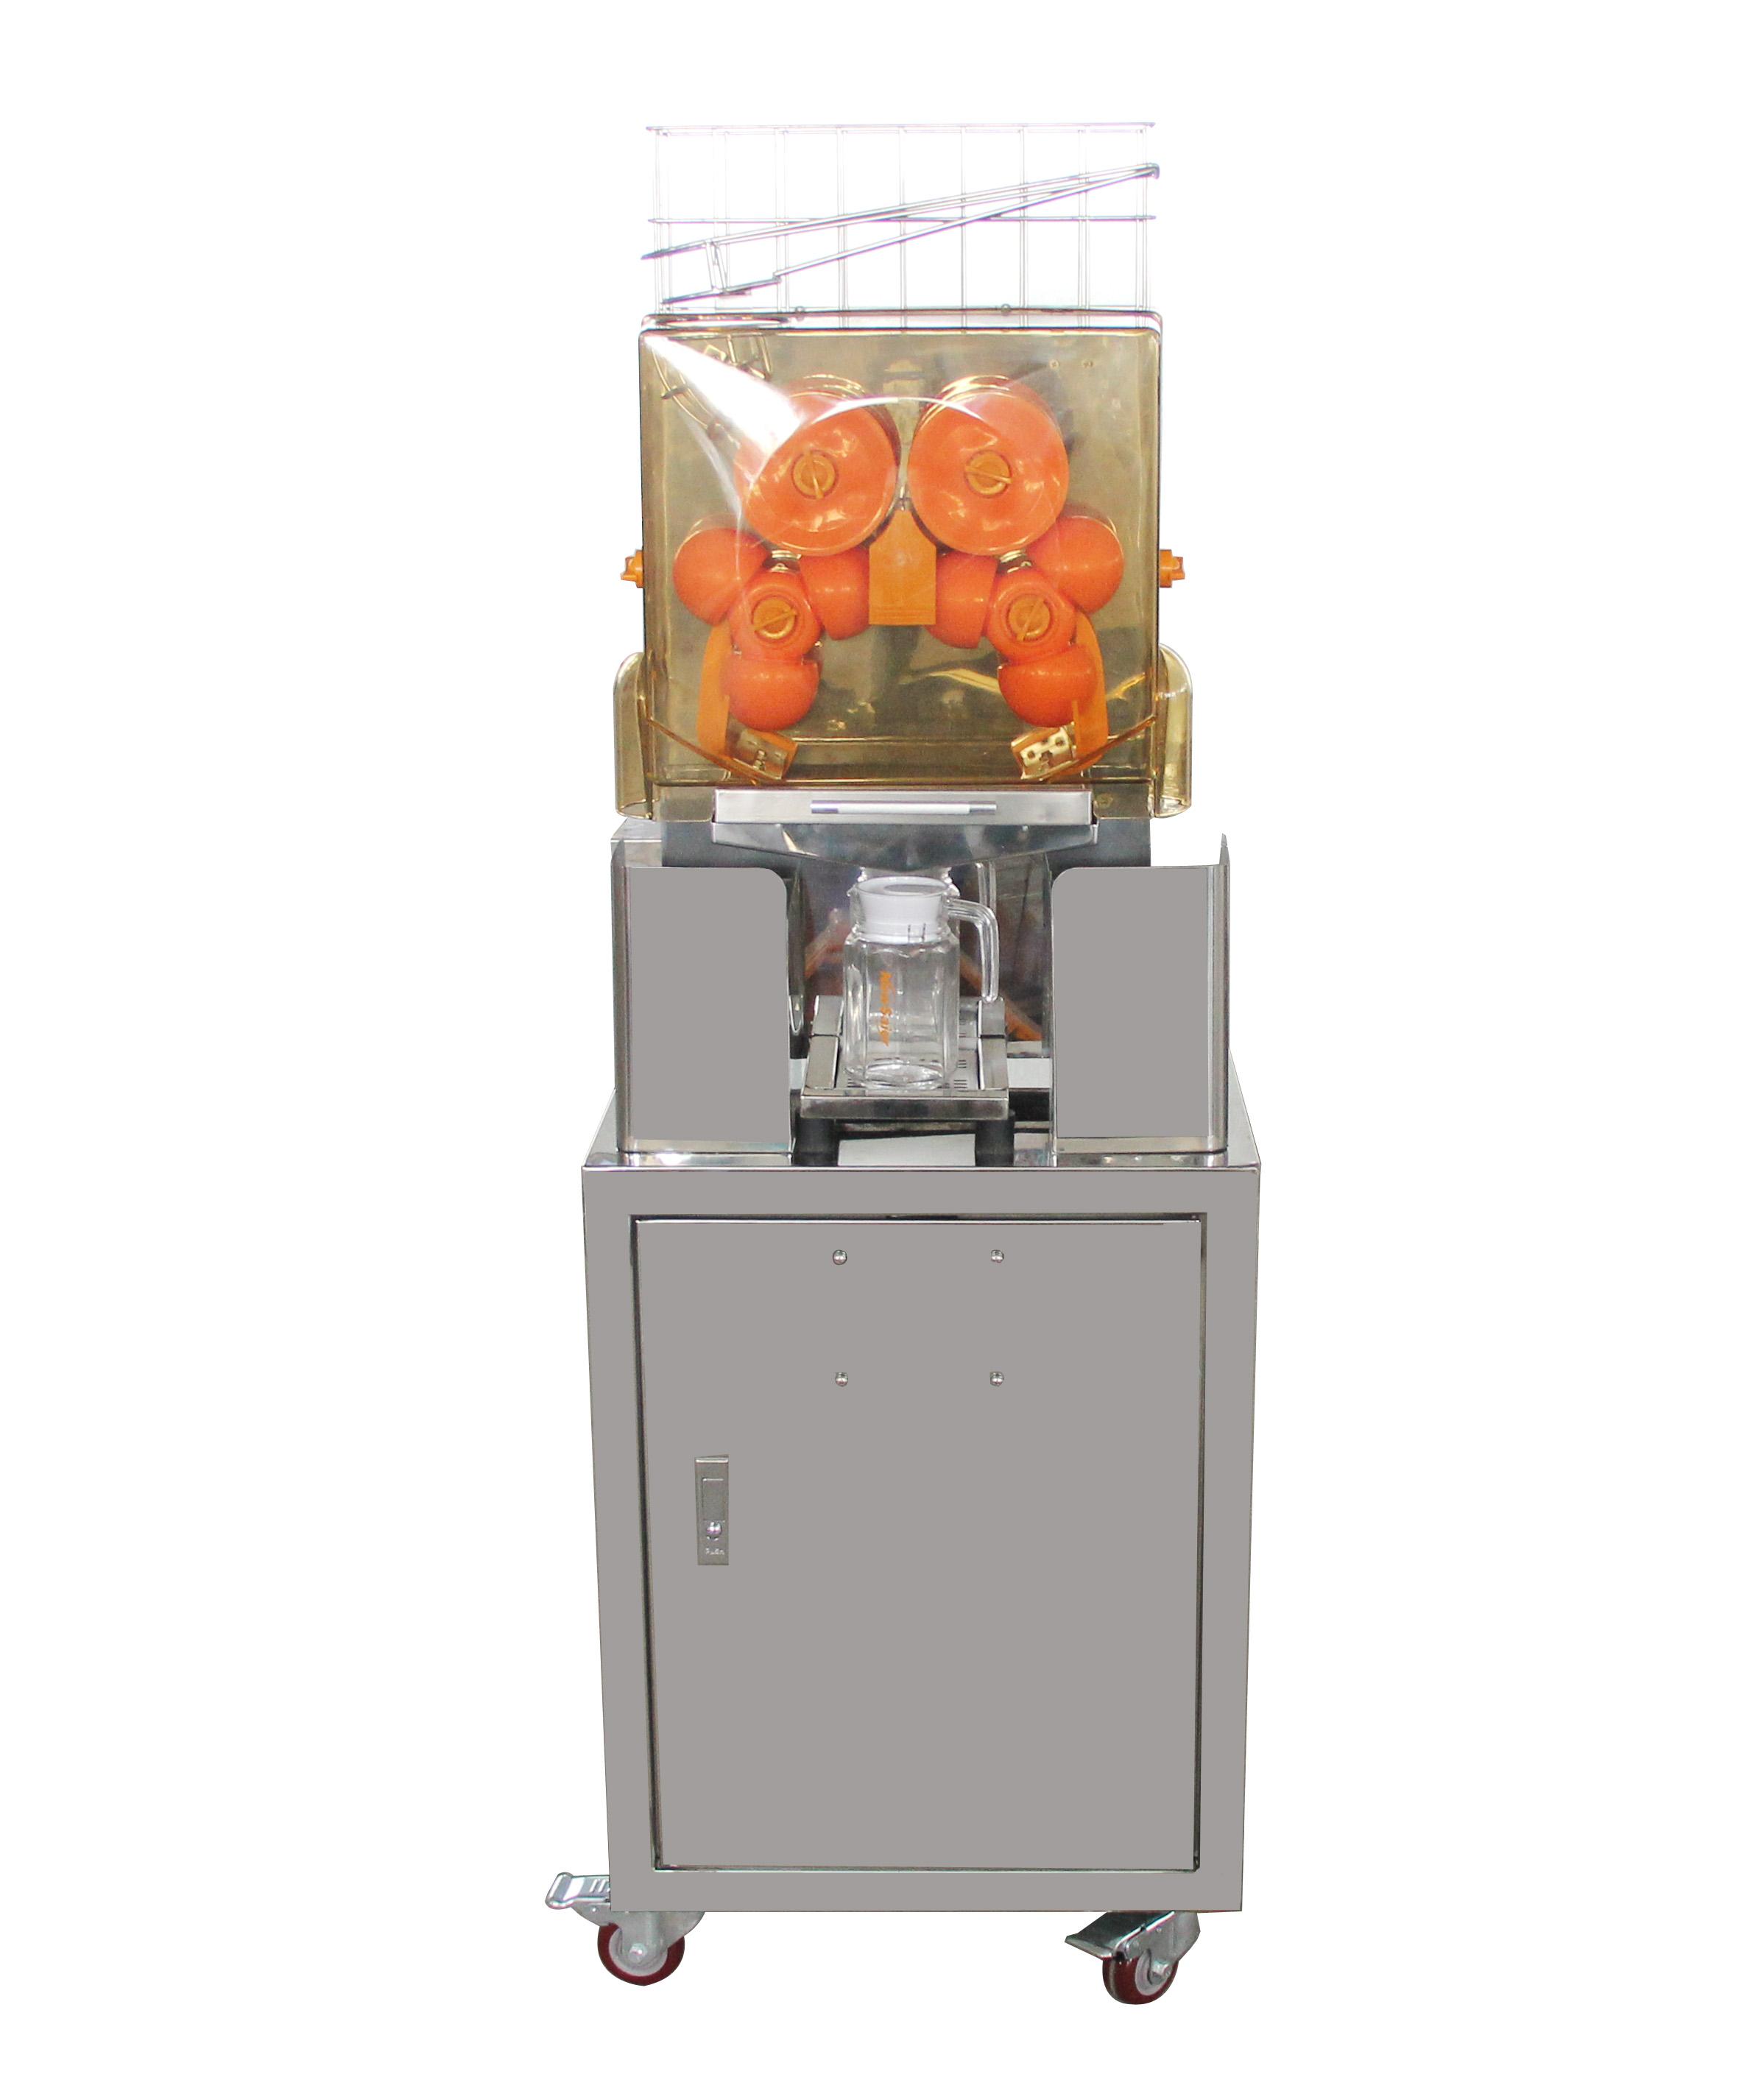 Omcan 44289 food equipment > juice extractors > citrus juicers food equipment > juice extractors